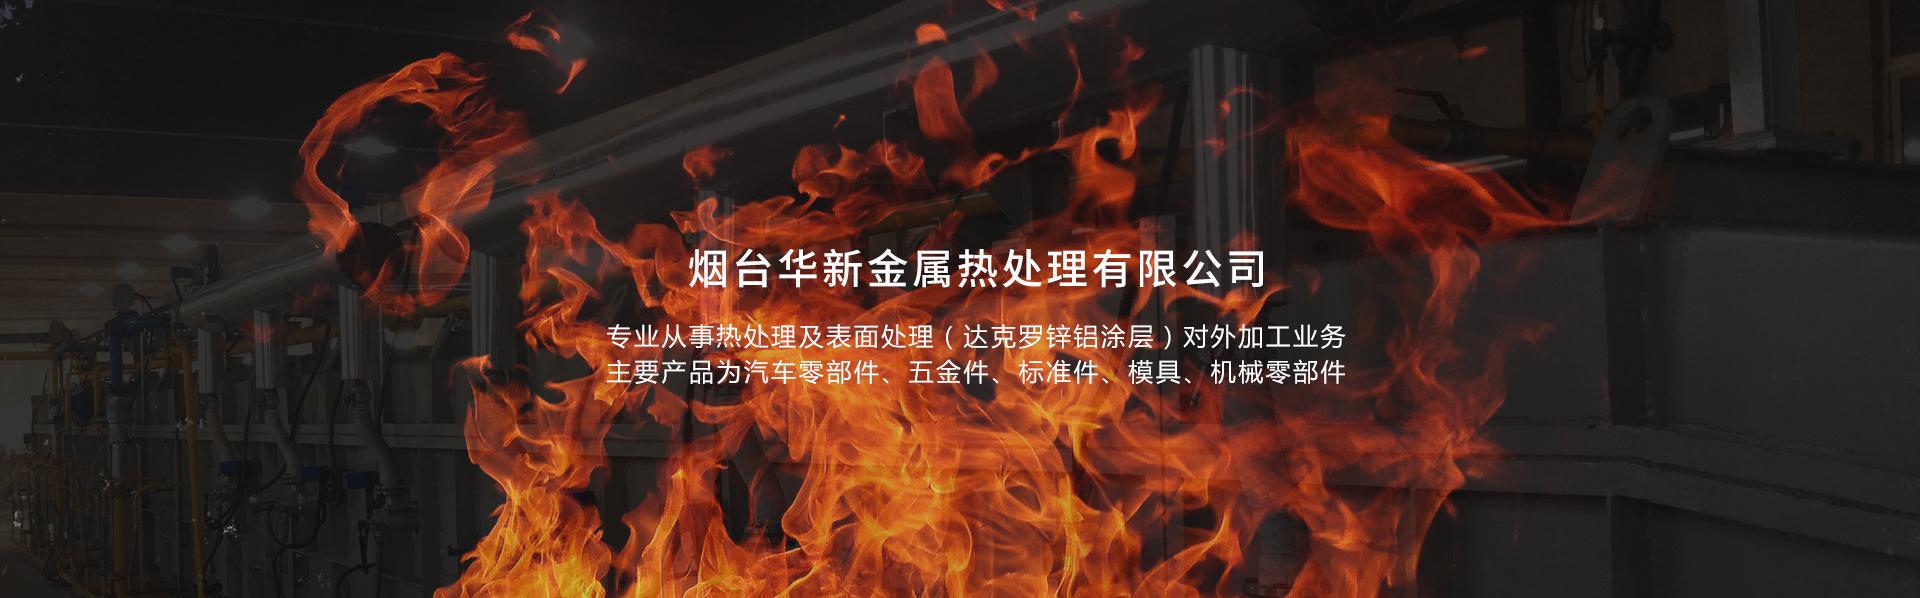 金属热处理,光亮退火处理,达克罗锌铝涂层